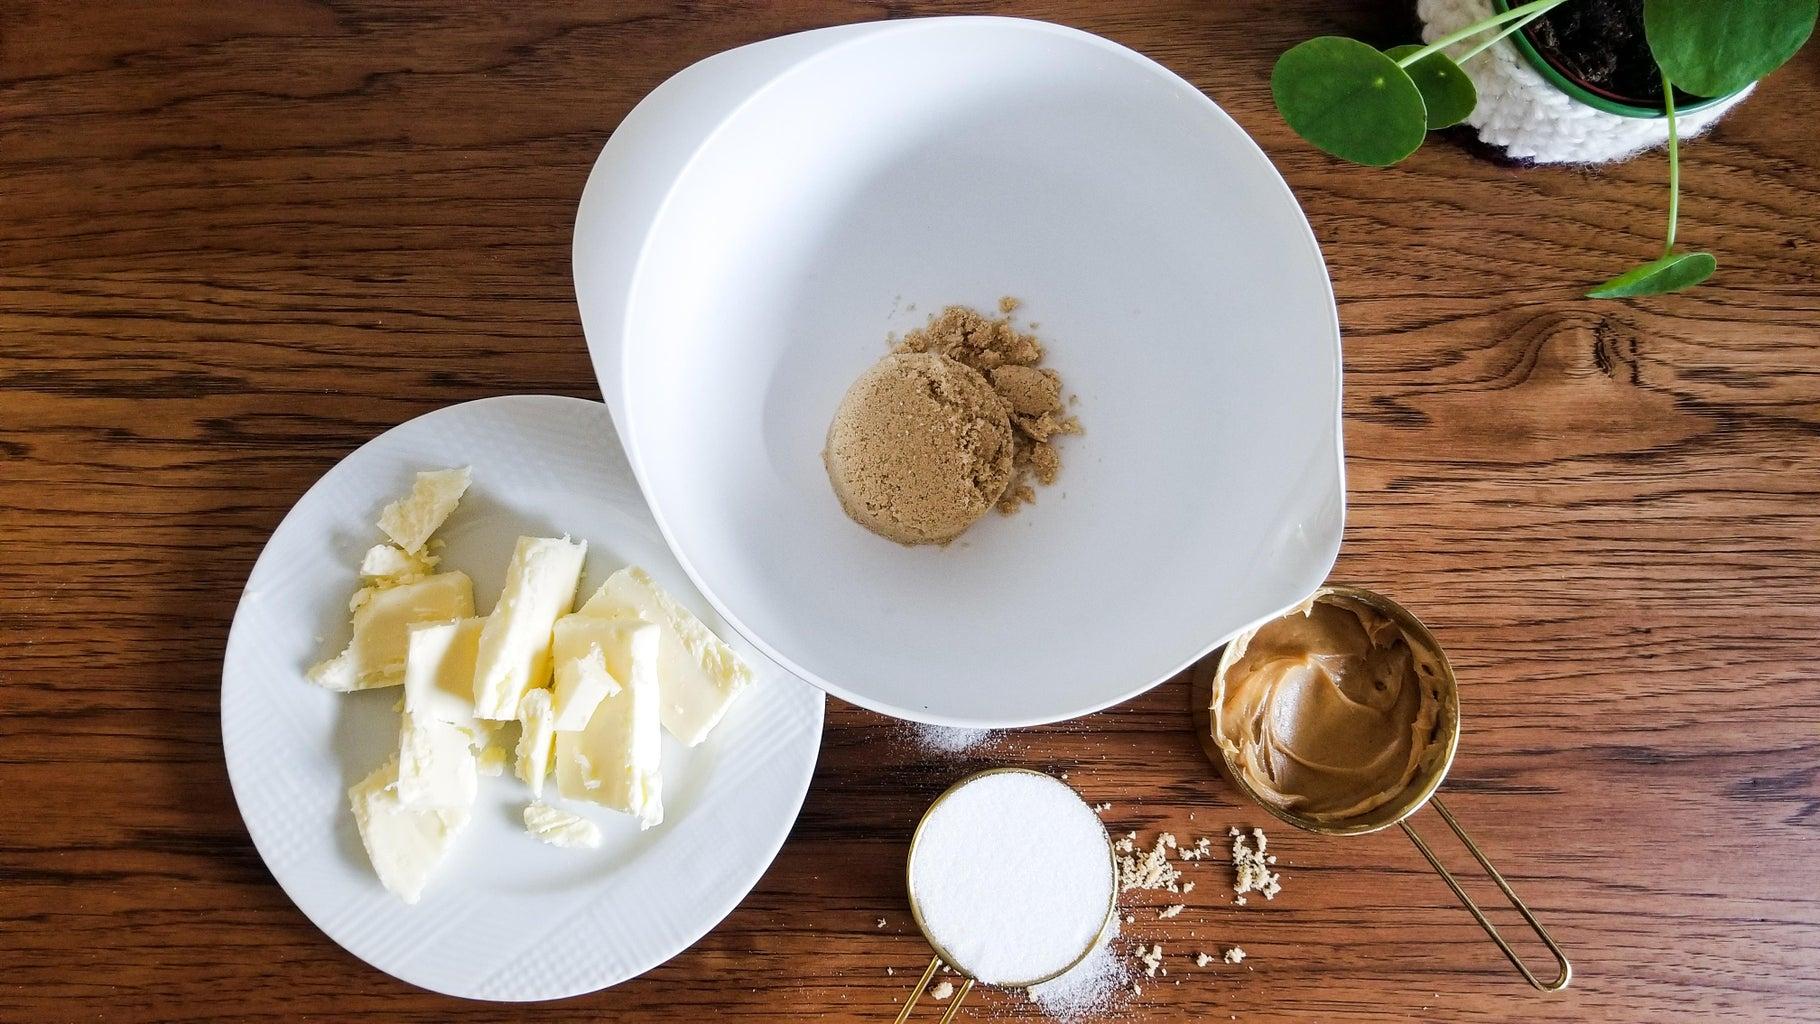 Cookies - Mix Wet Ingredients